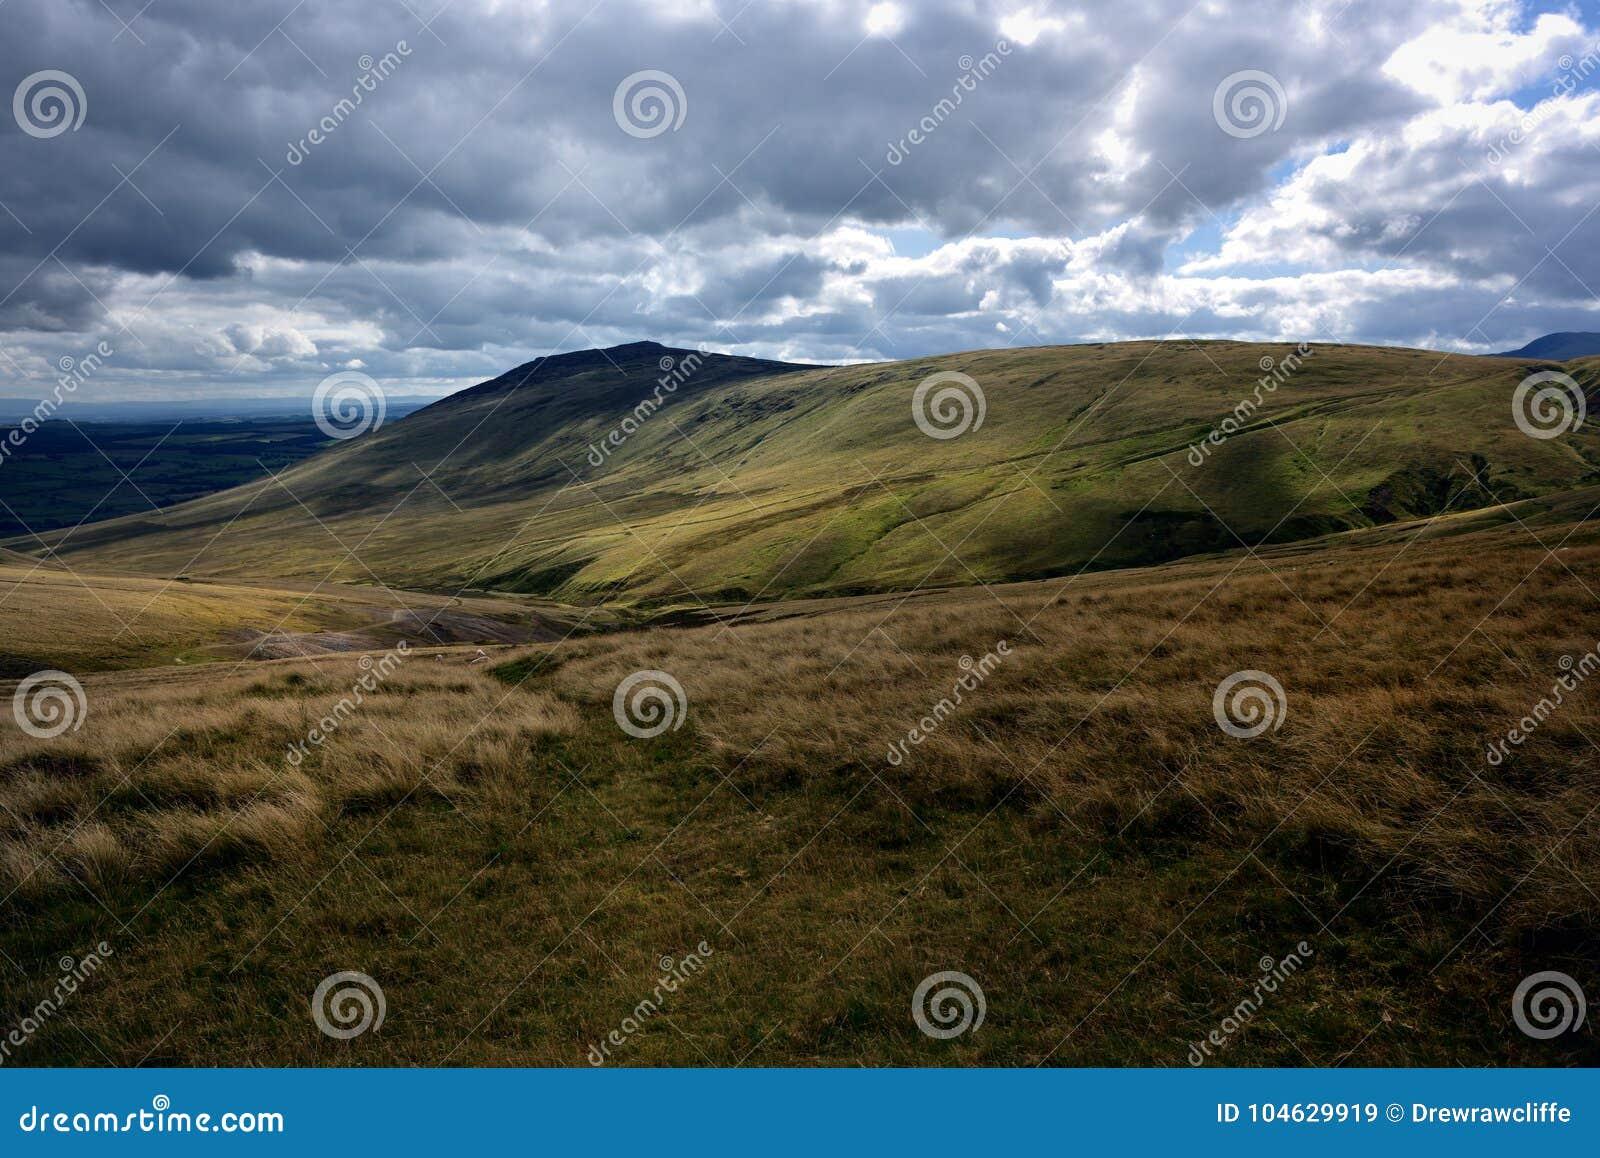 Download De Donkere Wolken Over Carrock Vielen Stock Afbeelding - Afbeelding bestaande uit district, fells: 104629919